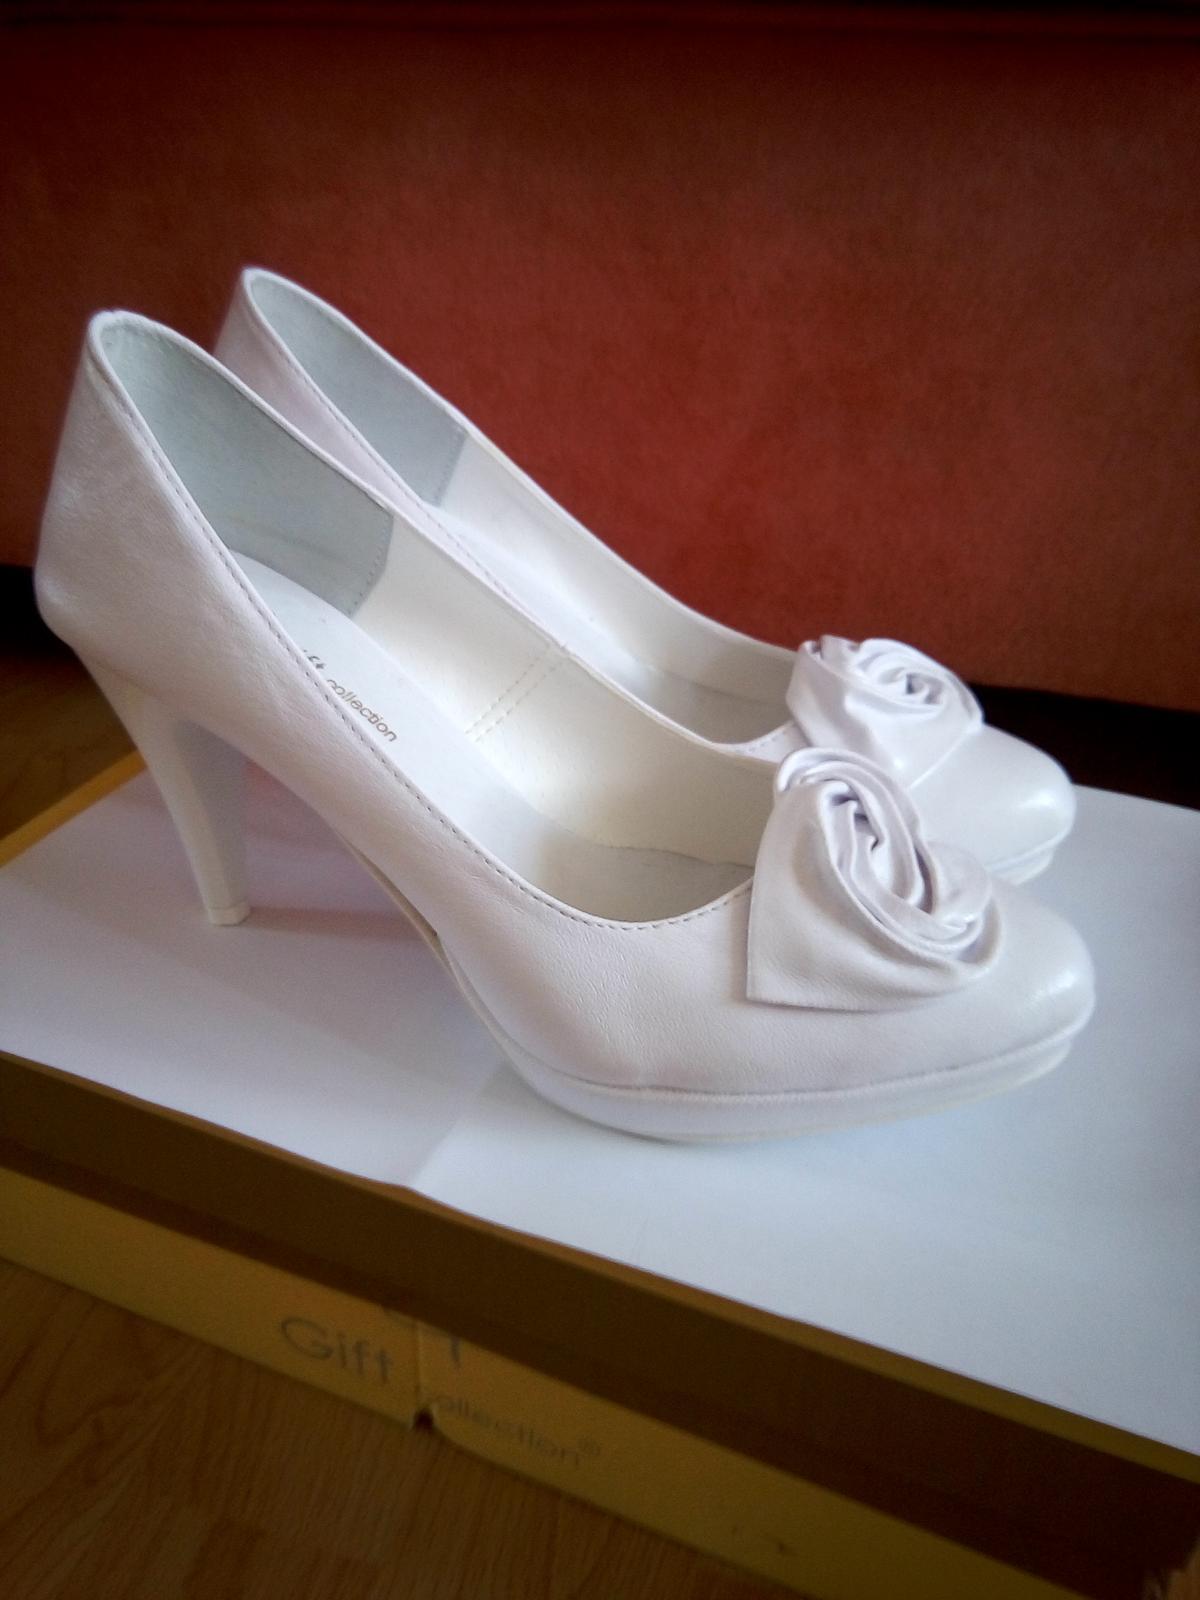 Biele svadobné lodičky - 37 - Obrázok č. 3